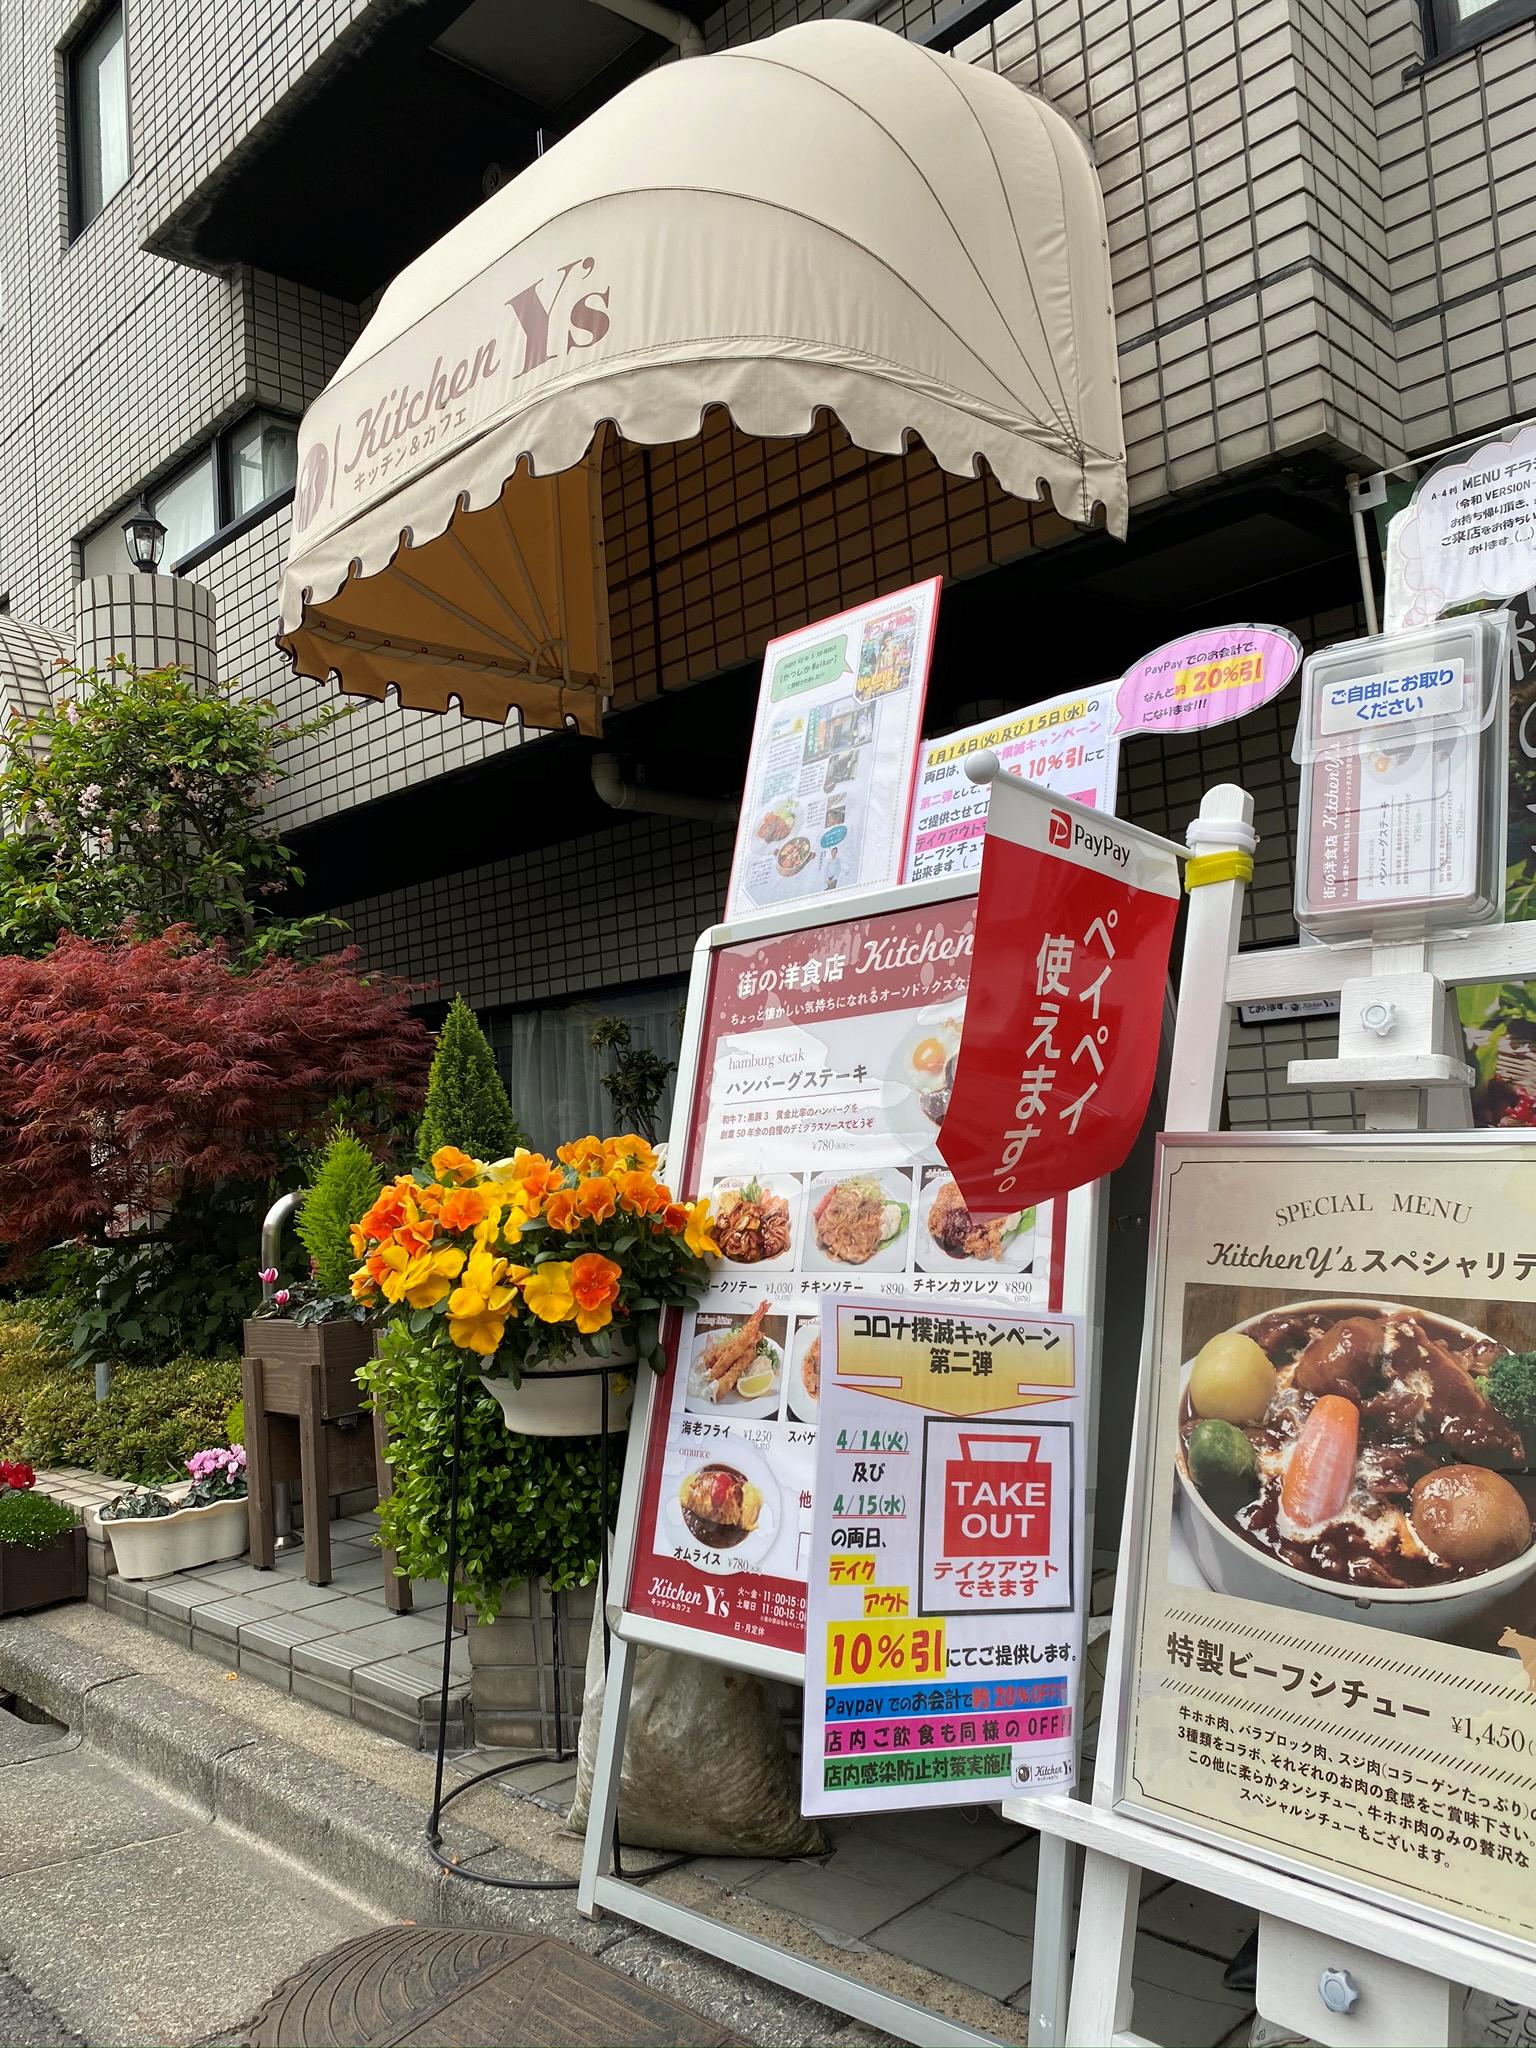 ペイペイでのお会計で約20%OFFに!!! 4/14(火)・4/15(水)限定